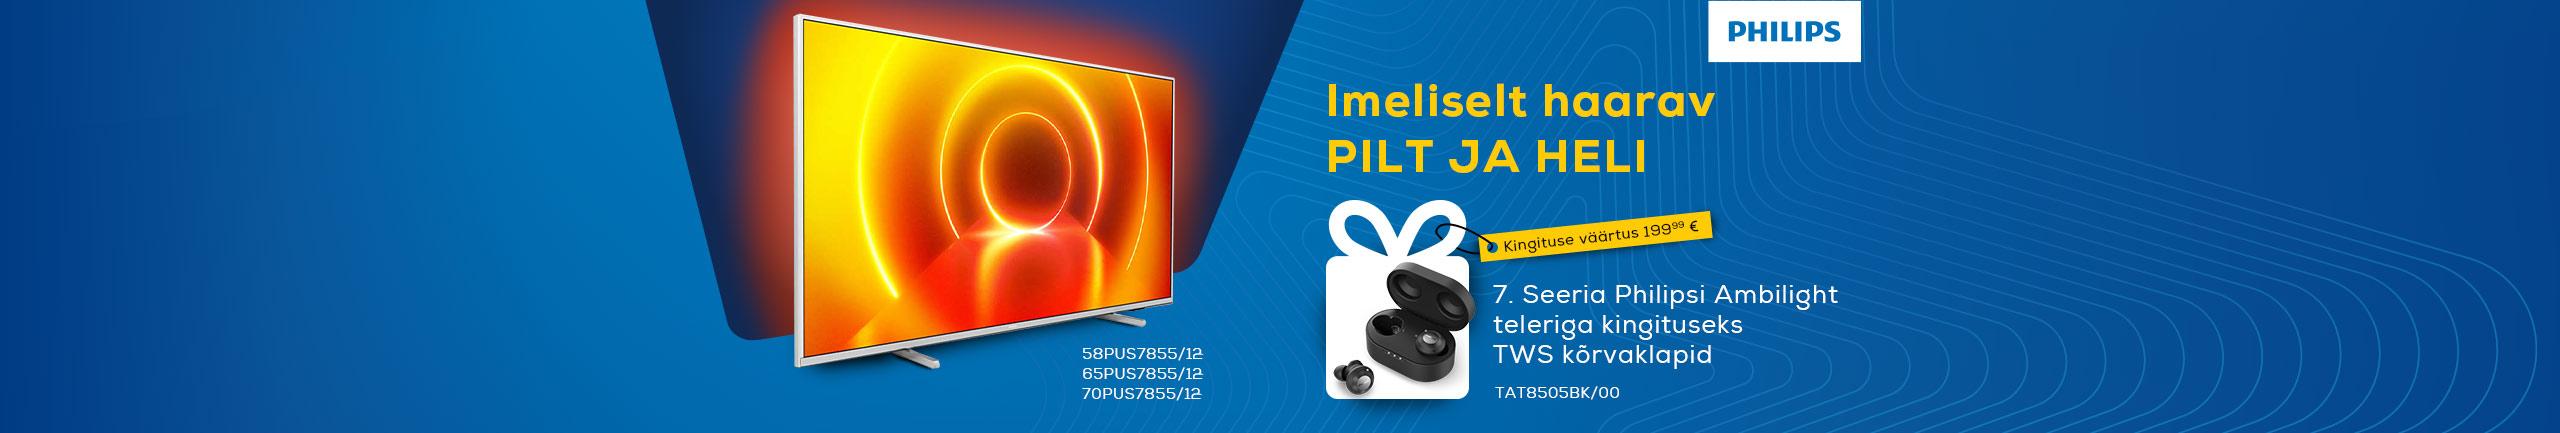 FPS 7. Seeria Philipsi Ambilight teleriga kingituseks juhtmevabad kõrvaklapid